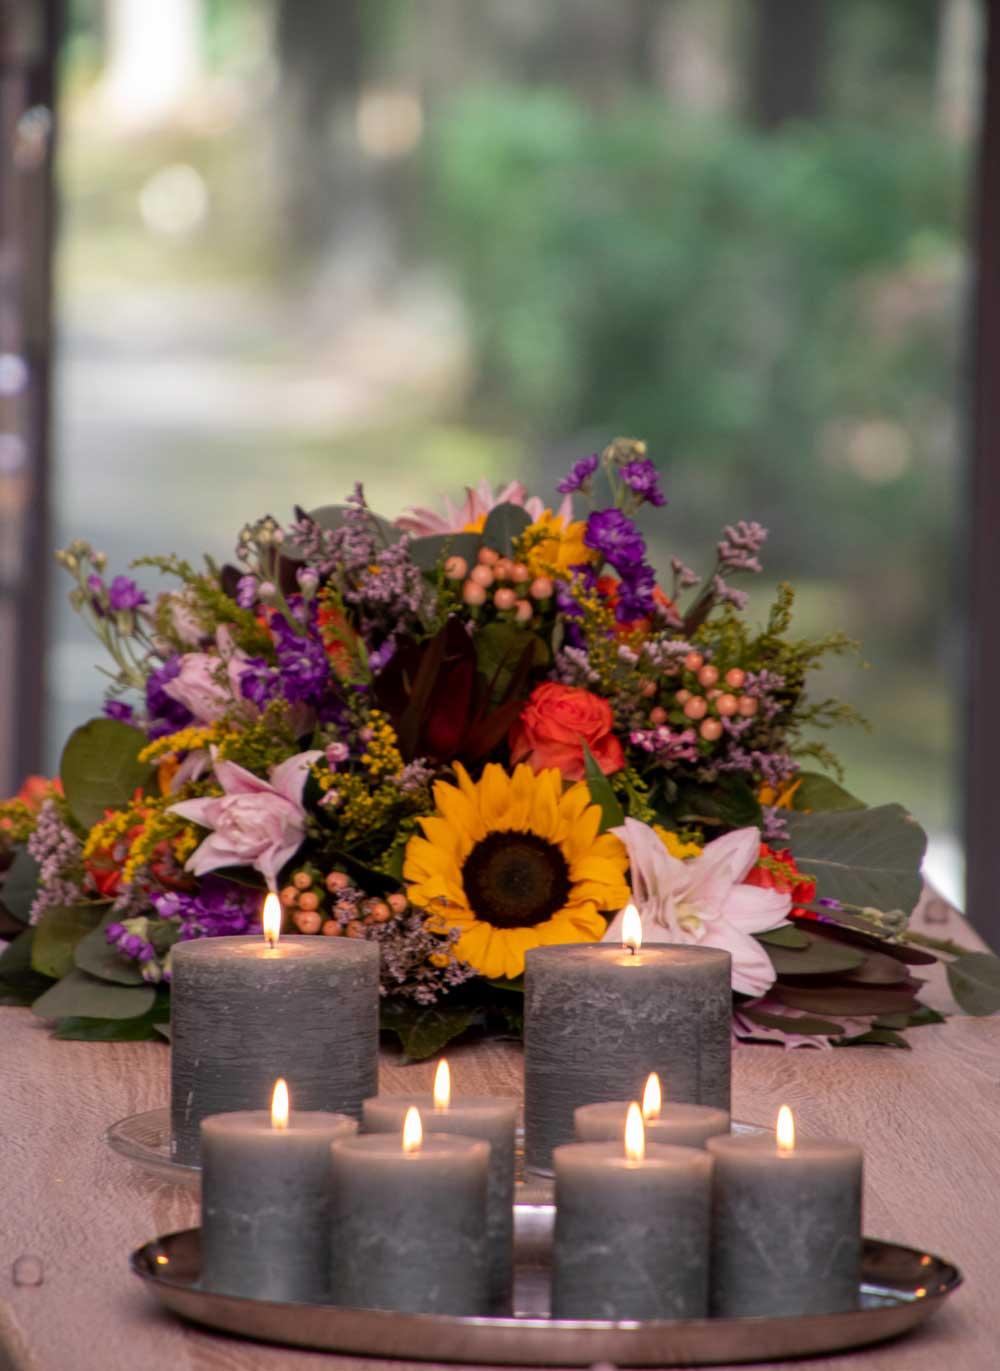 Een foto tijdens een uitvaart met bloemen, kaarsen en een kist